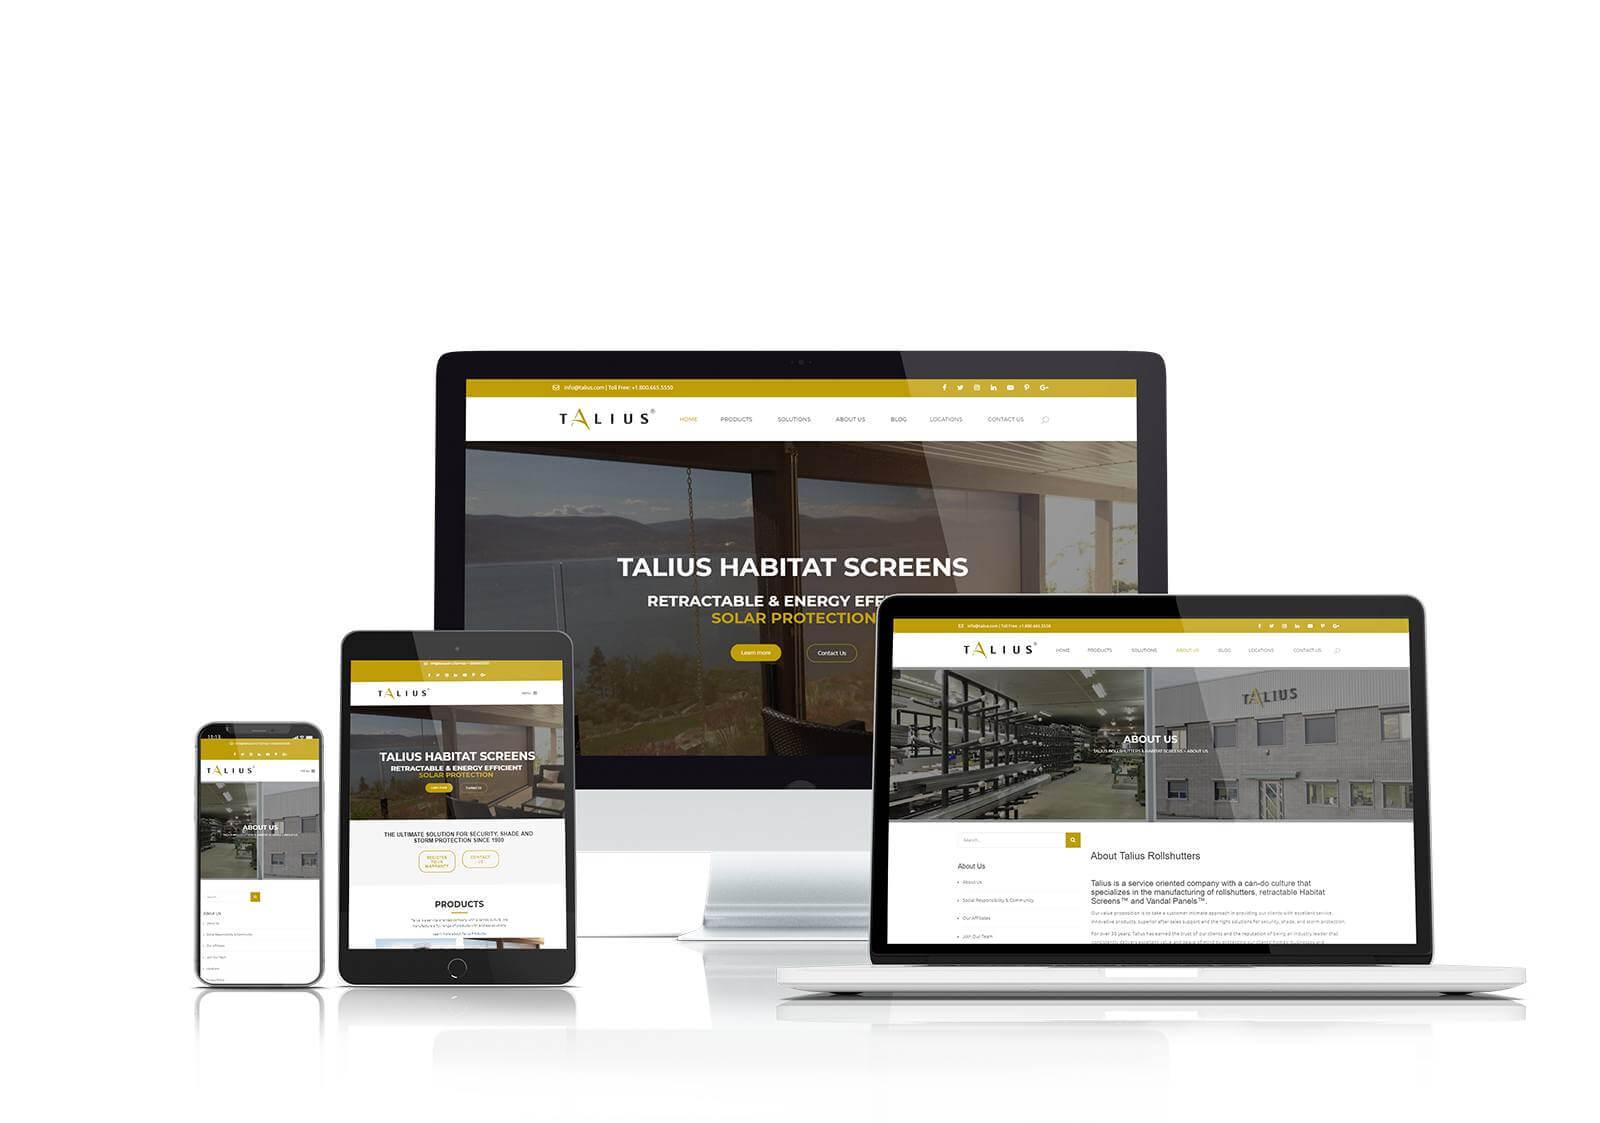 Talius responsive website design